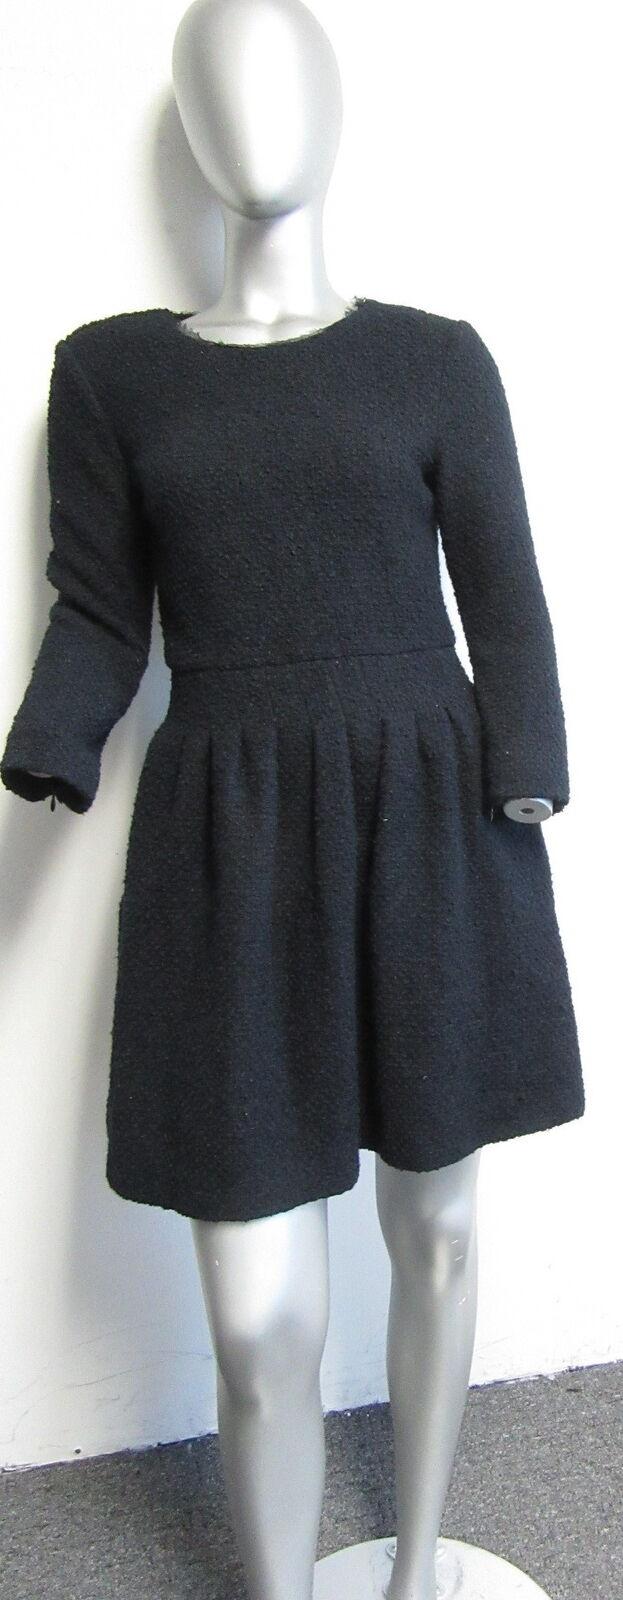 Rosa TARTAN navy boucle bracelet- sleeve fit & flare dress sz 4